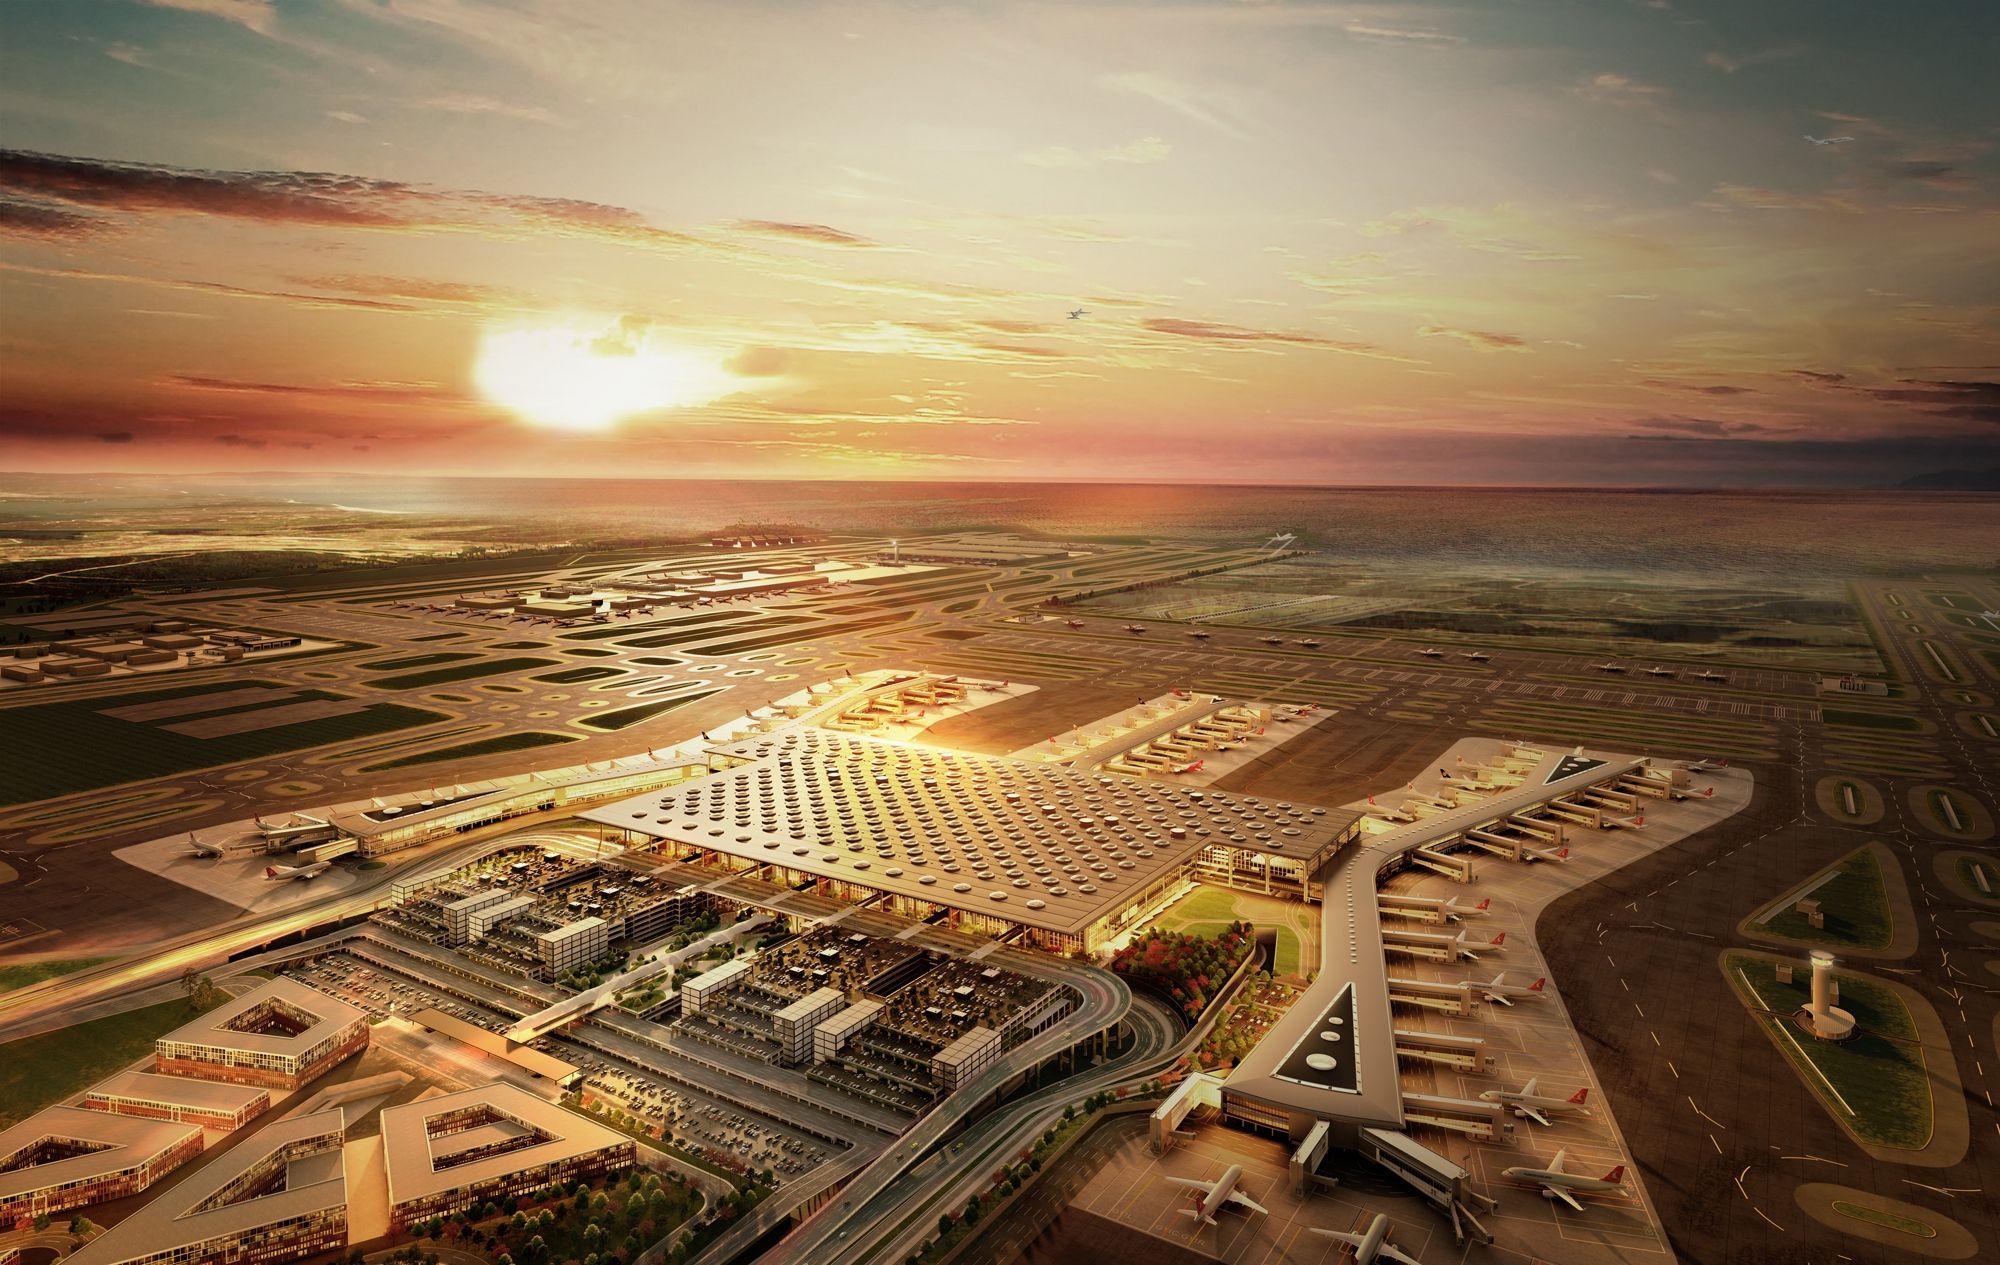 土耳其航空即将搬迁至伊斯坦布尔新机场